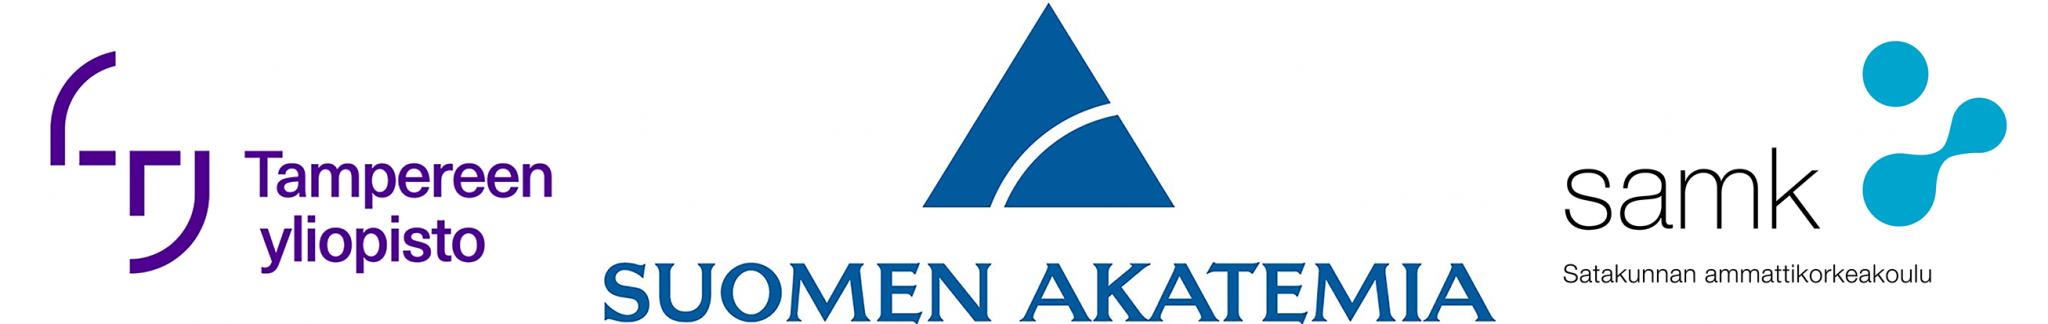 logoyhdistelmä, jossaTampereen yliopiston, Suomen Akatemian ja SAMKin logot.